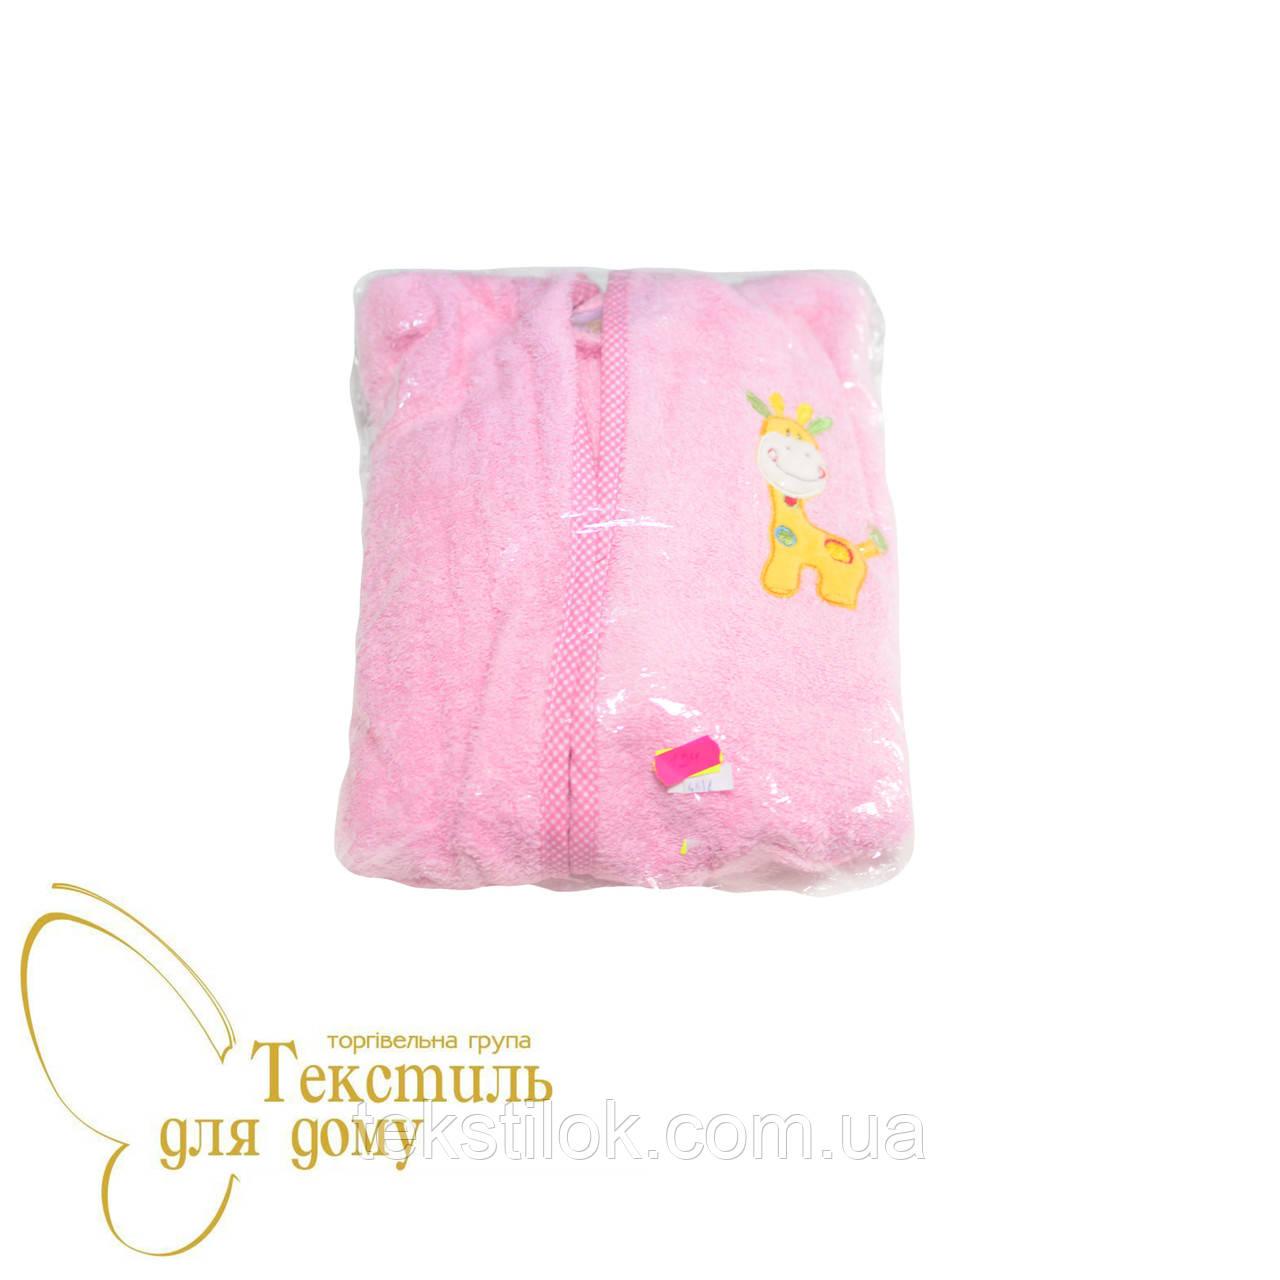 Халат детский махровый с апликацией, розовый